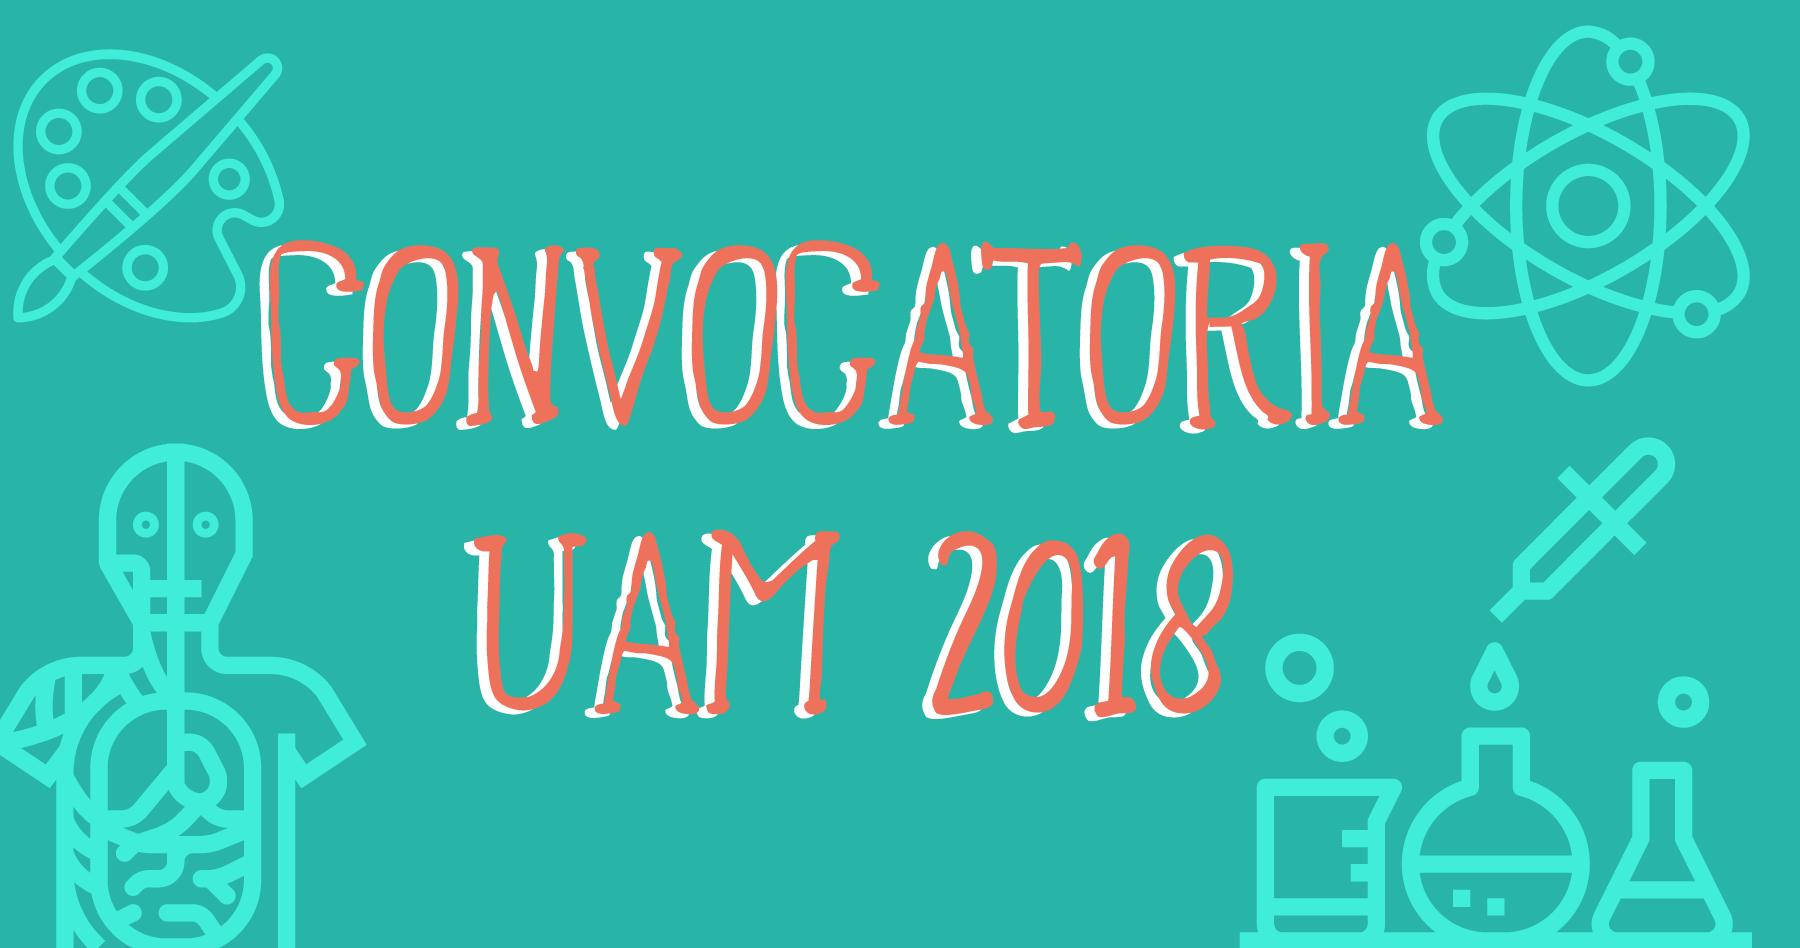 Convocatoria-UAM